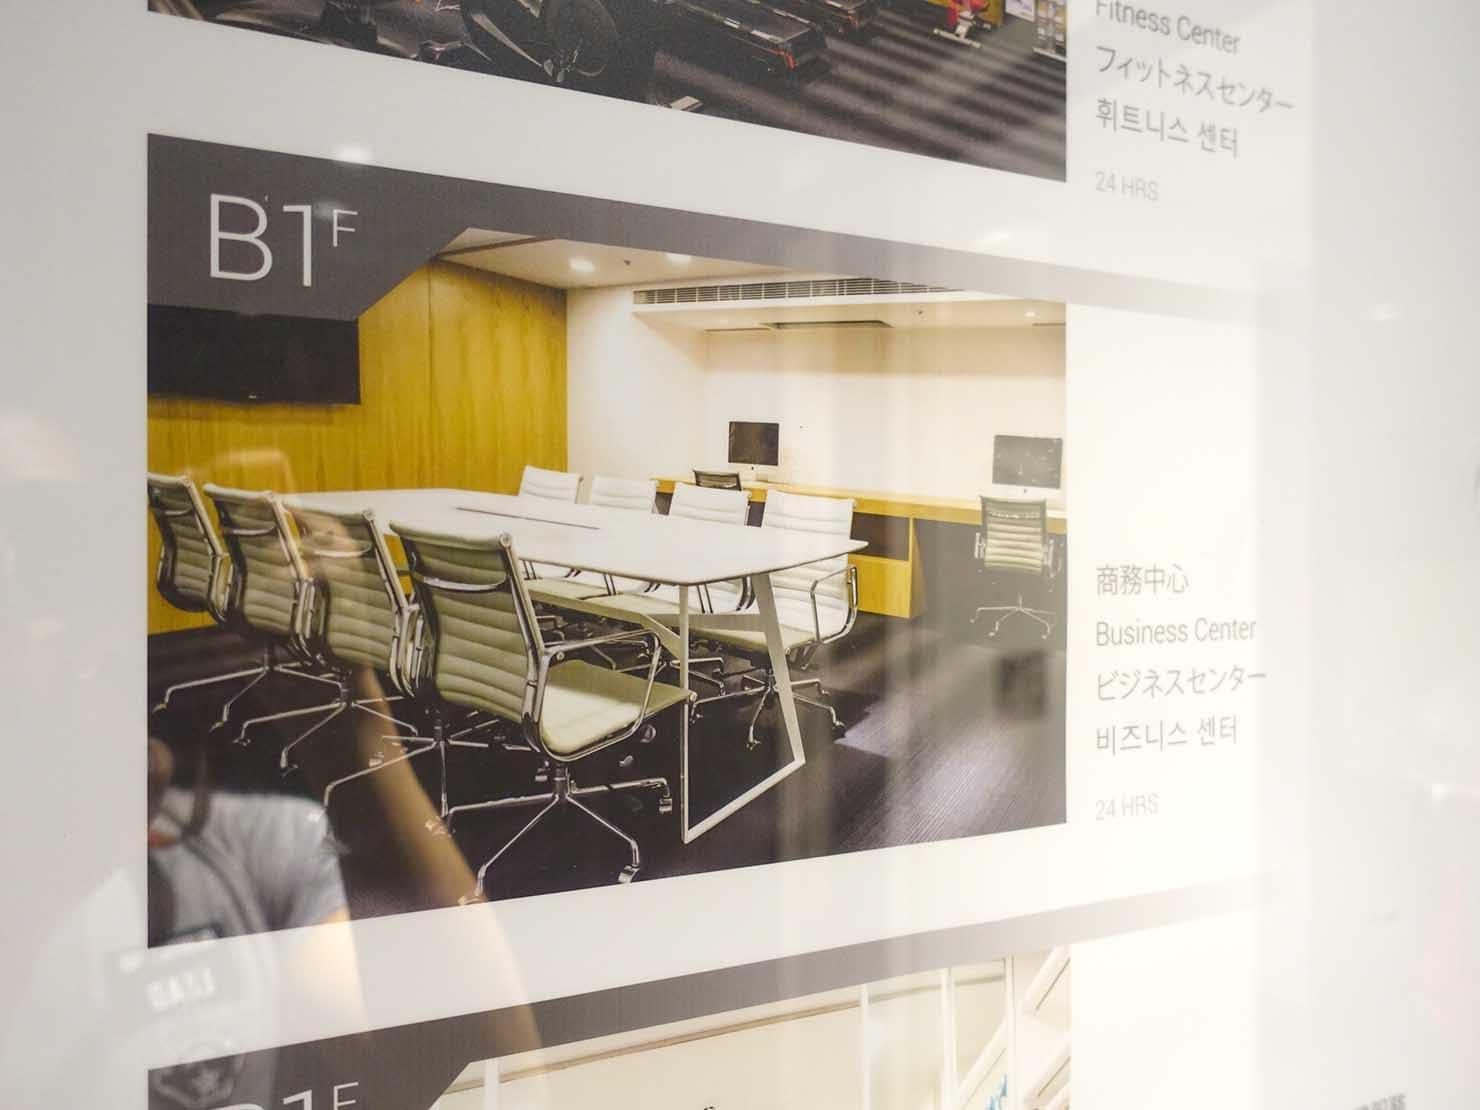 台中のおすすめホテル「卡爾登飯店 The Carlton」ビジネスセンターのイメージ